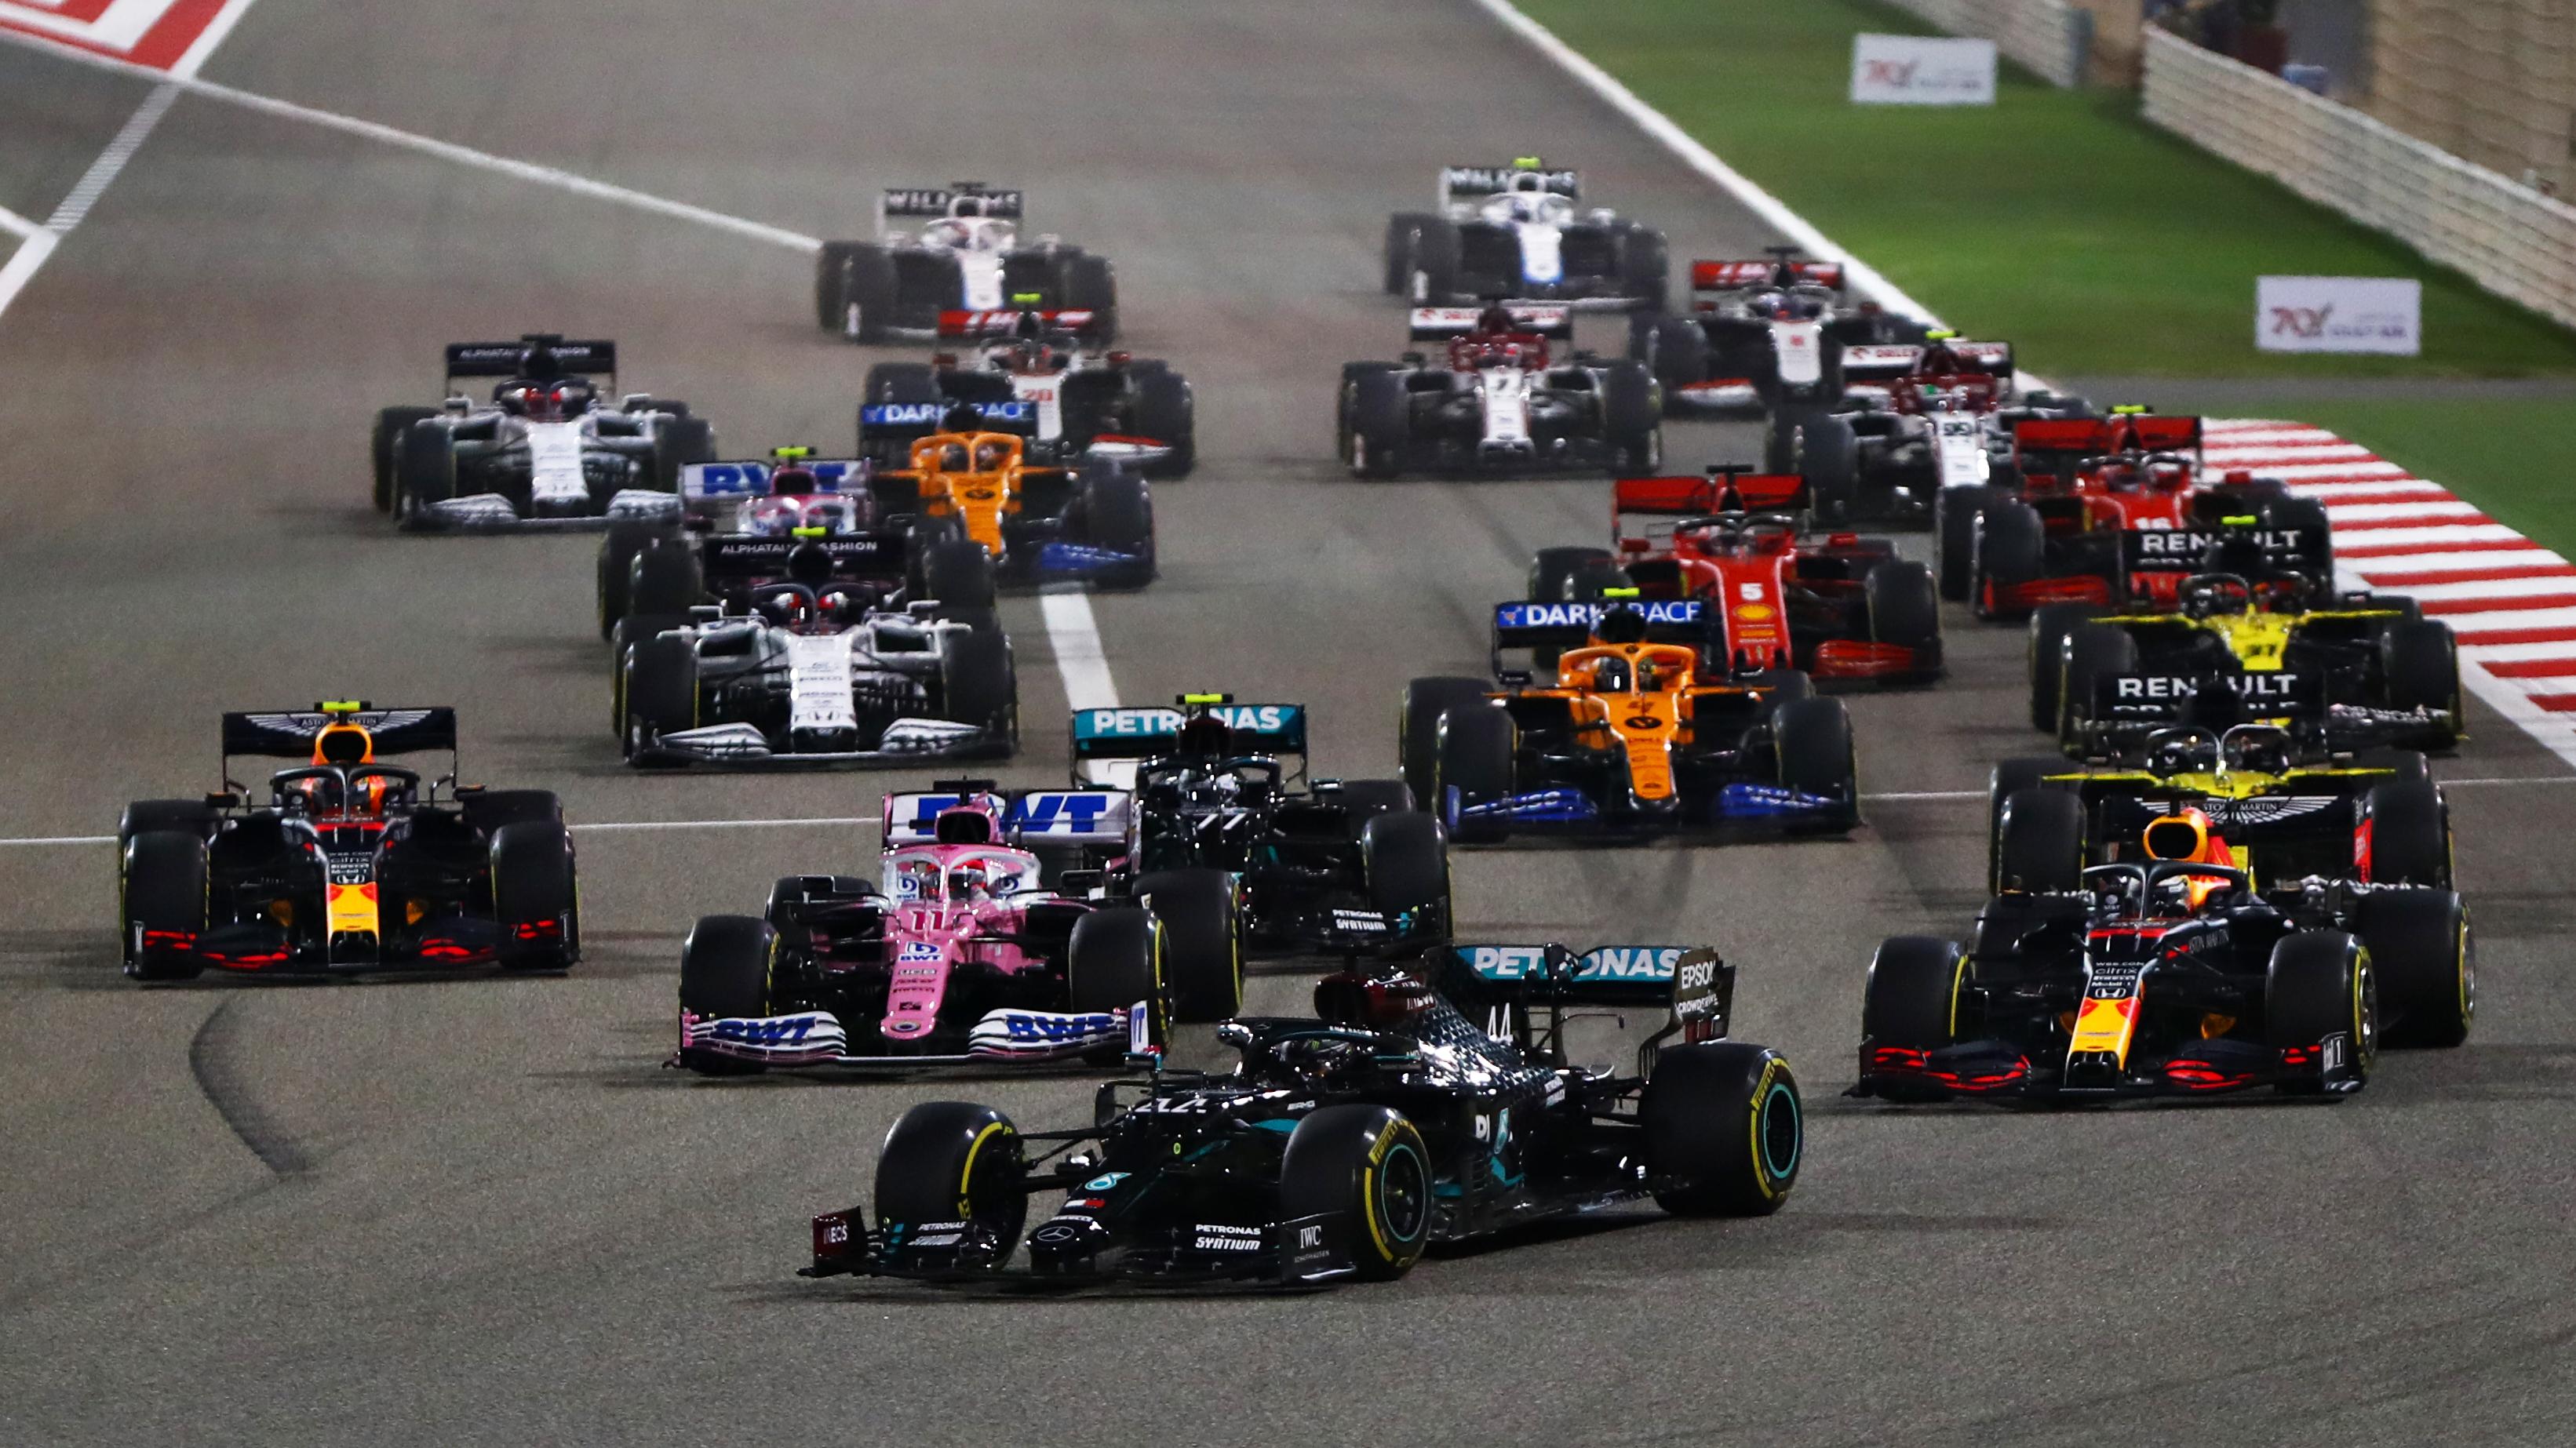 Anteprima Gp Sakhir 2020: La F1 avrà il suo tracciato più veloce